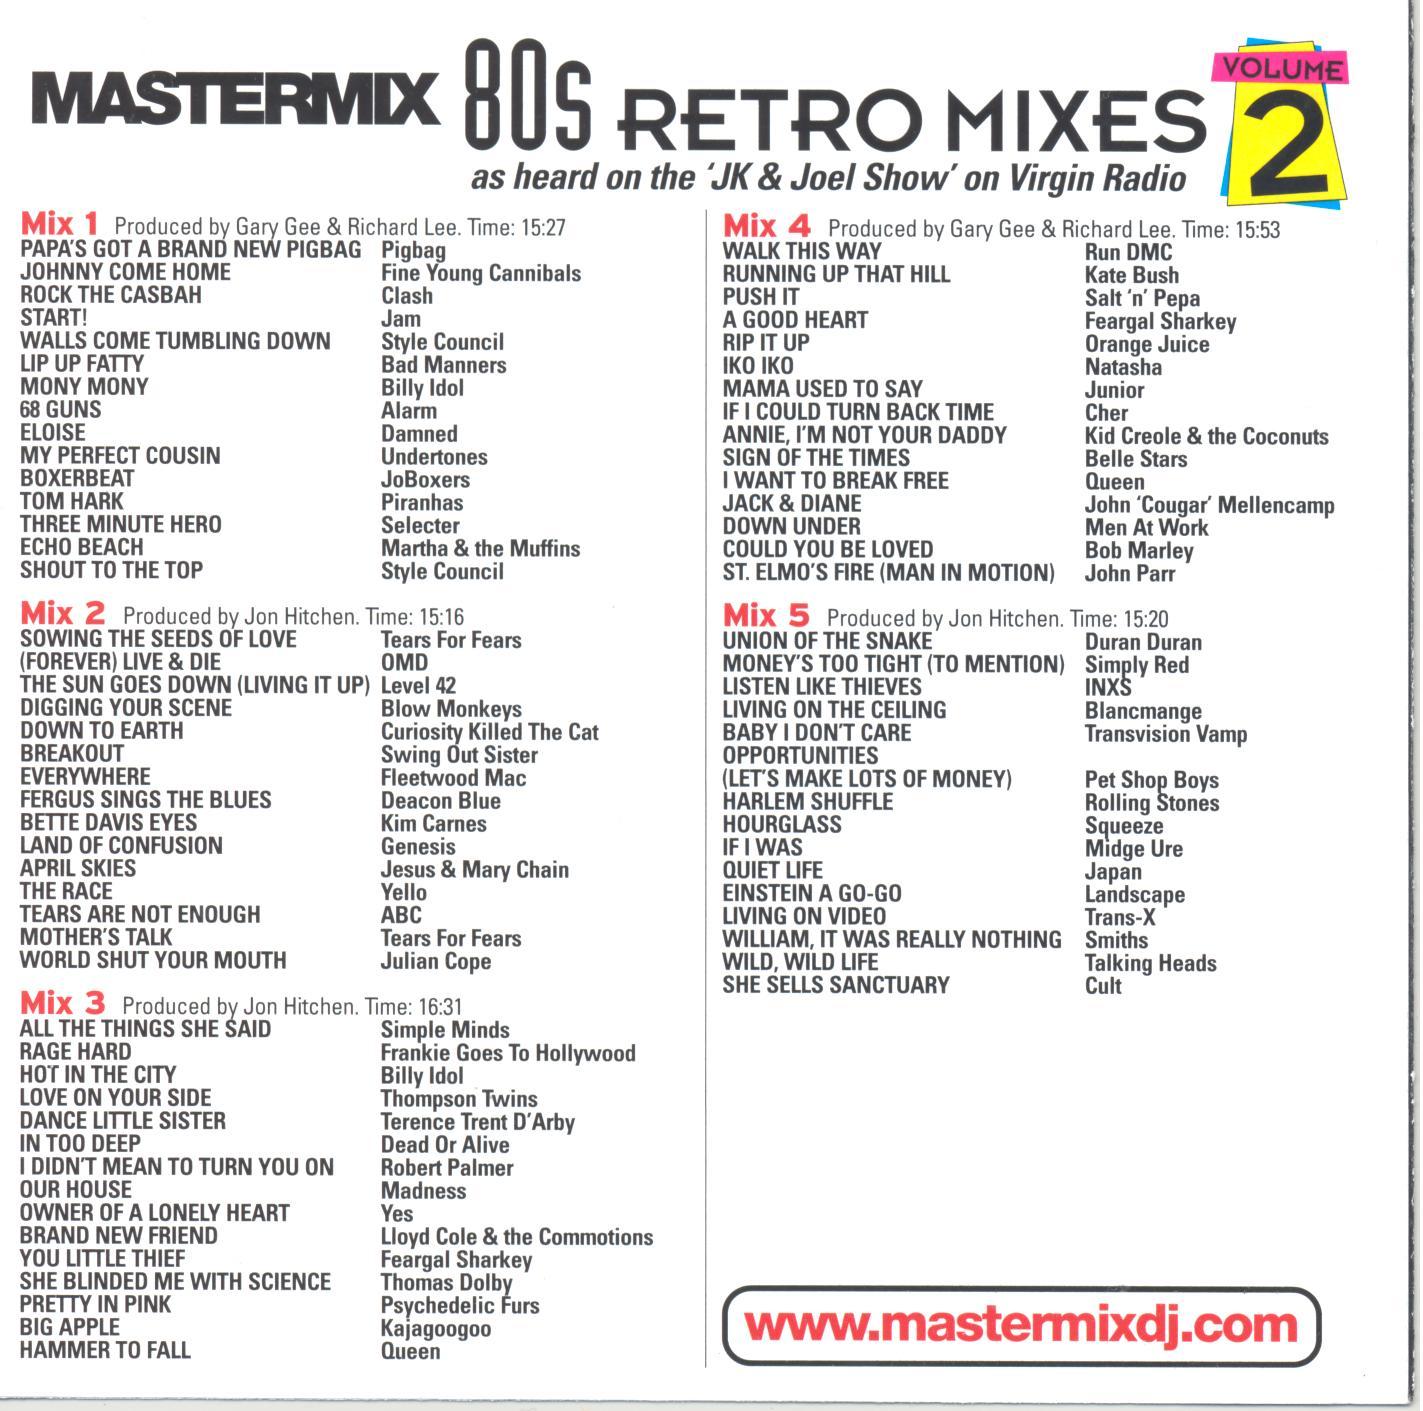 Mastermix - 80's Retro Mixes - Vol.2